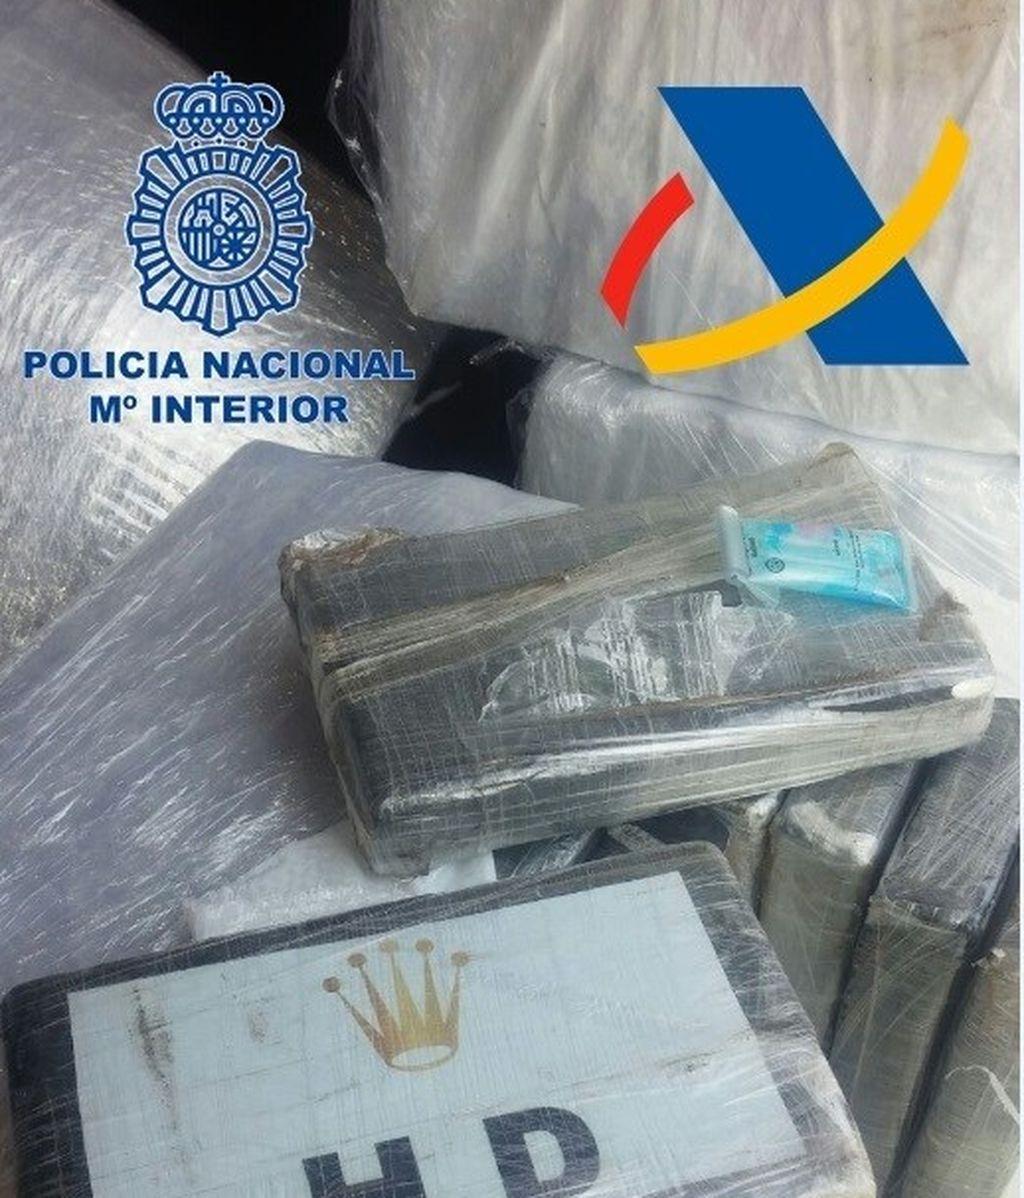 Intervenido un alijo de 680 kilos de cocaína en un contenedor en Barcelona